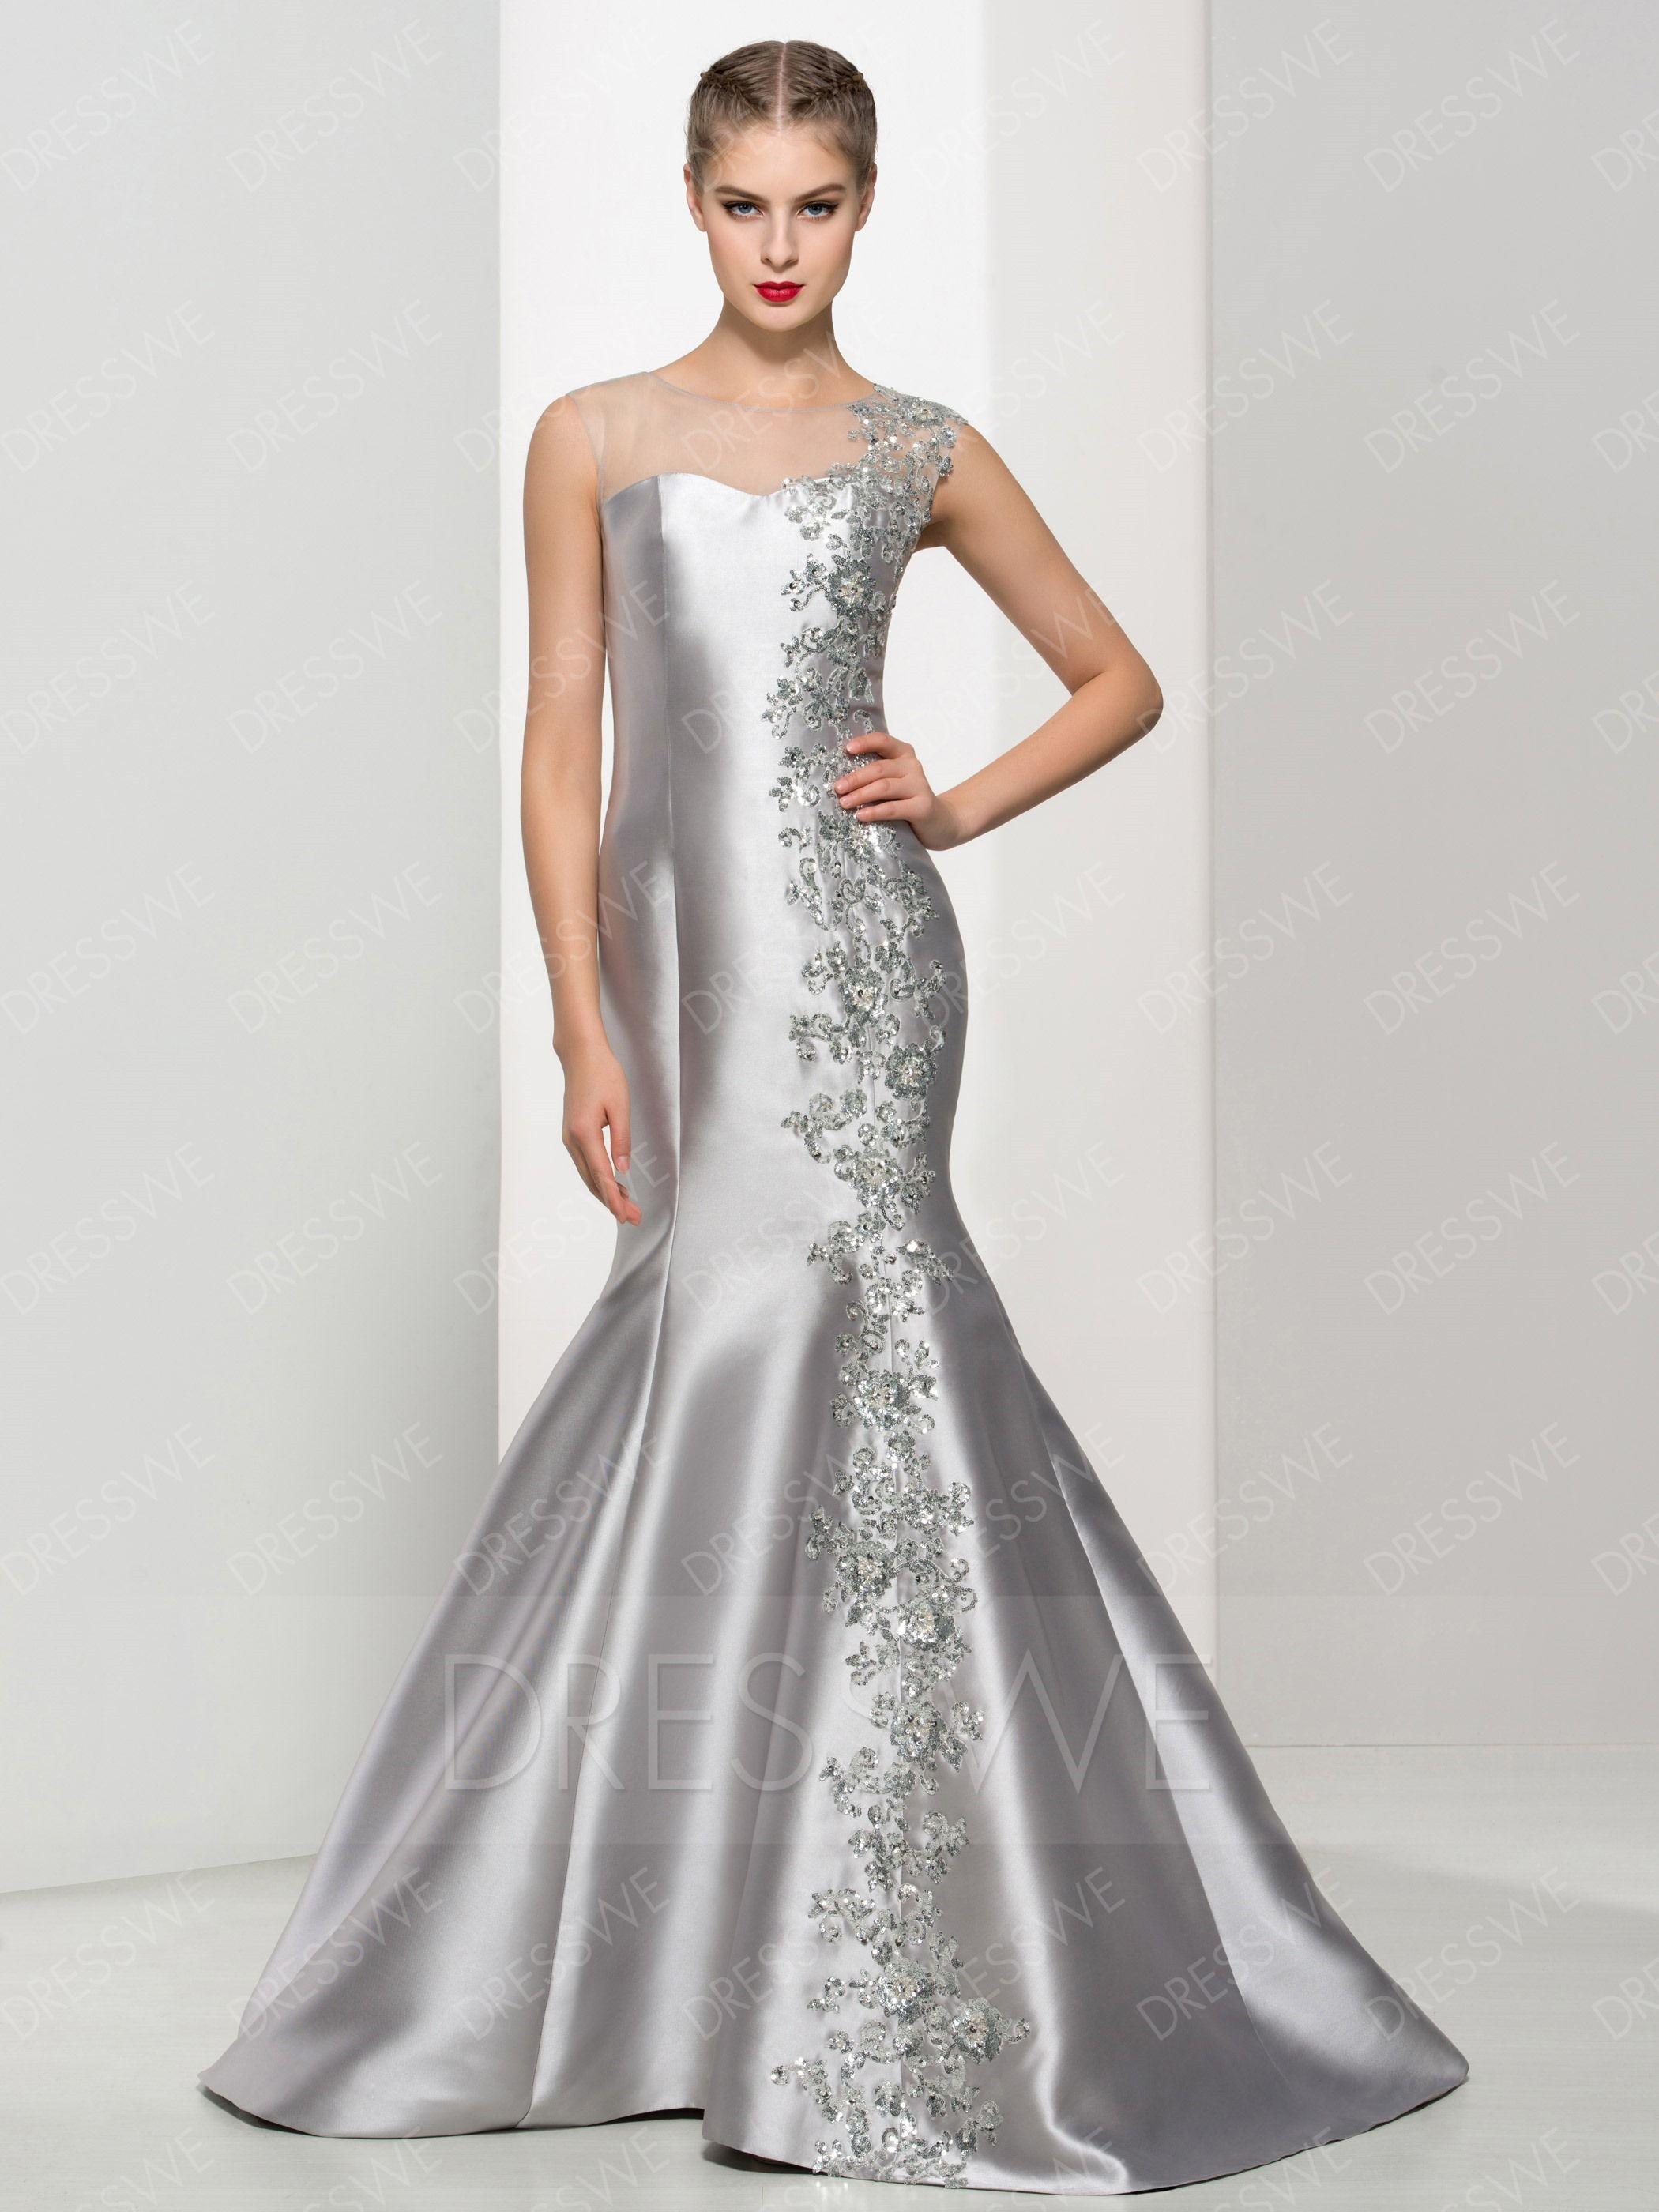 Adorewe dresswe womens designer dresswe luxurious applique one